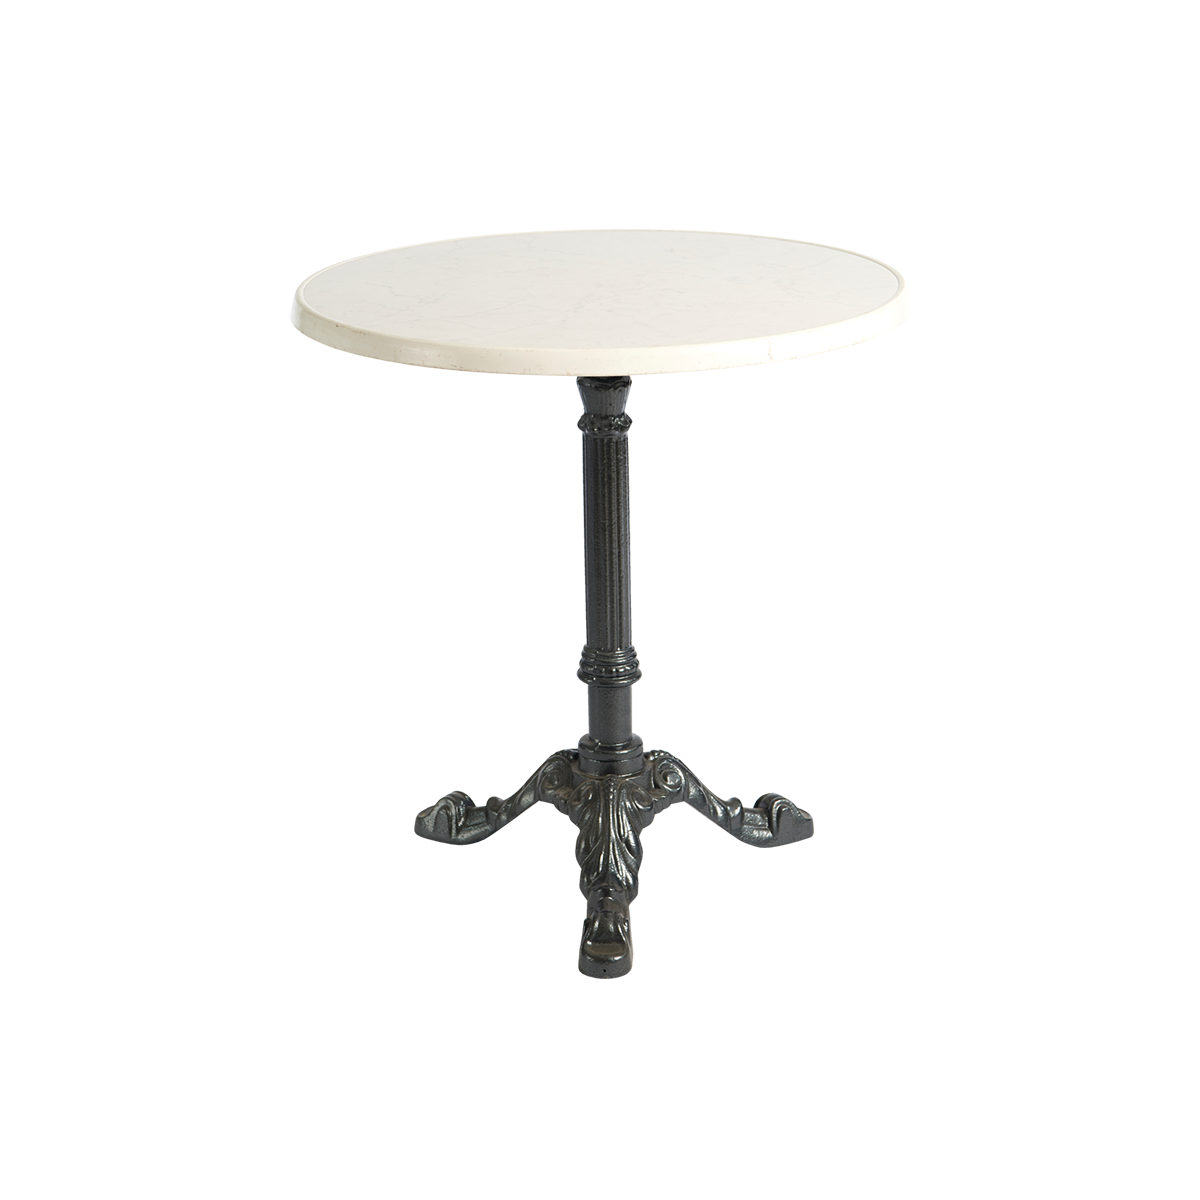 dieeventausstatter Sitztisch Classic Platte marmordekor rund